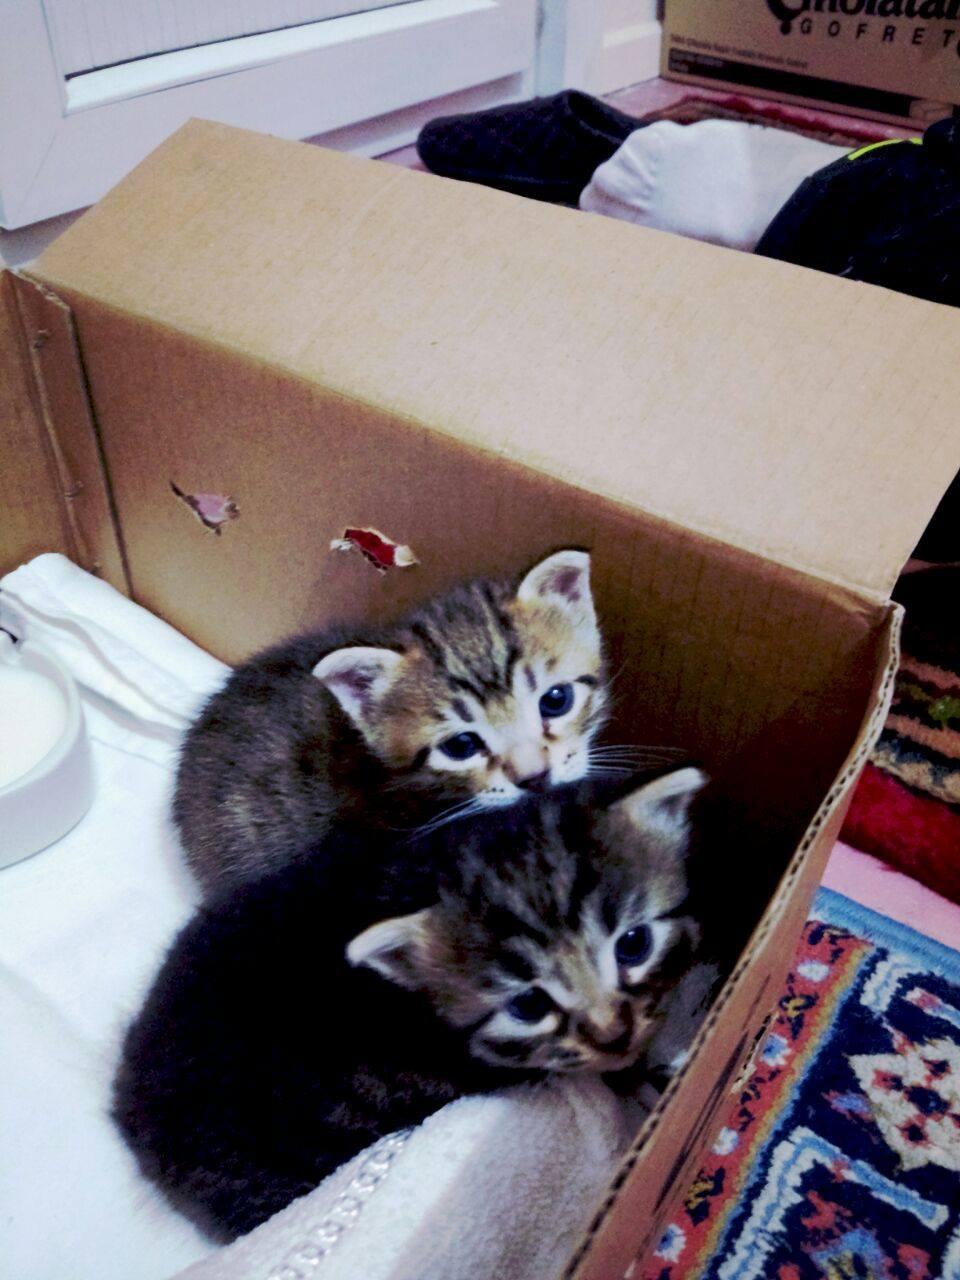 1 Aylık 2 Kedicik için Ömürlük Yuva Aranıyor